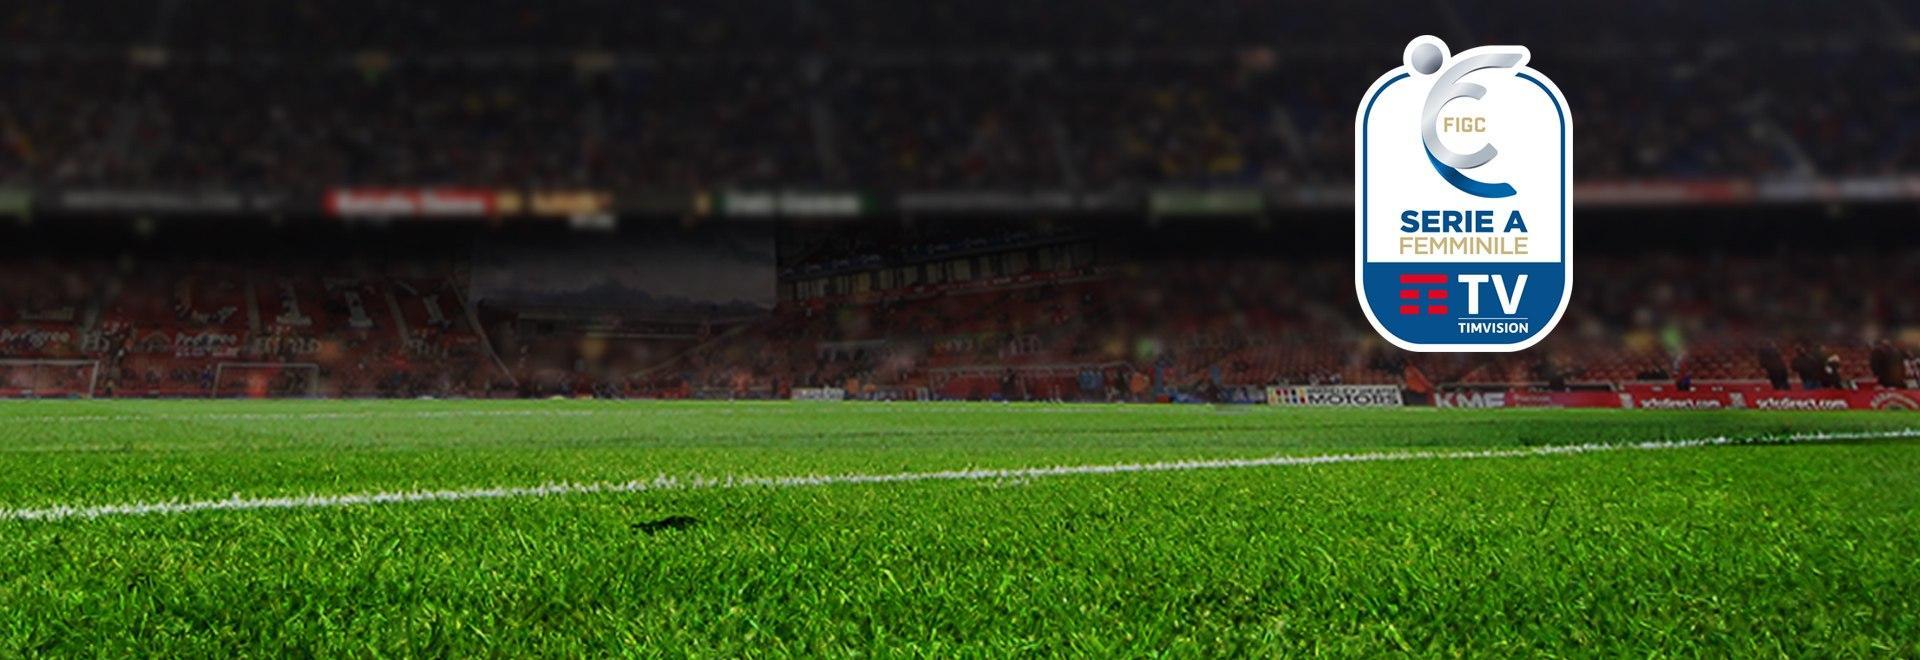 Serie A F